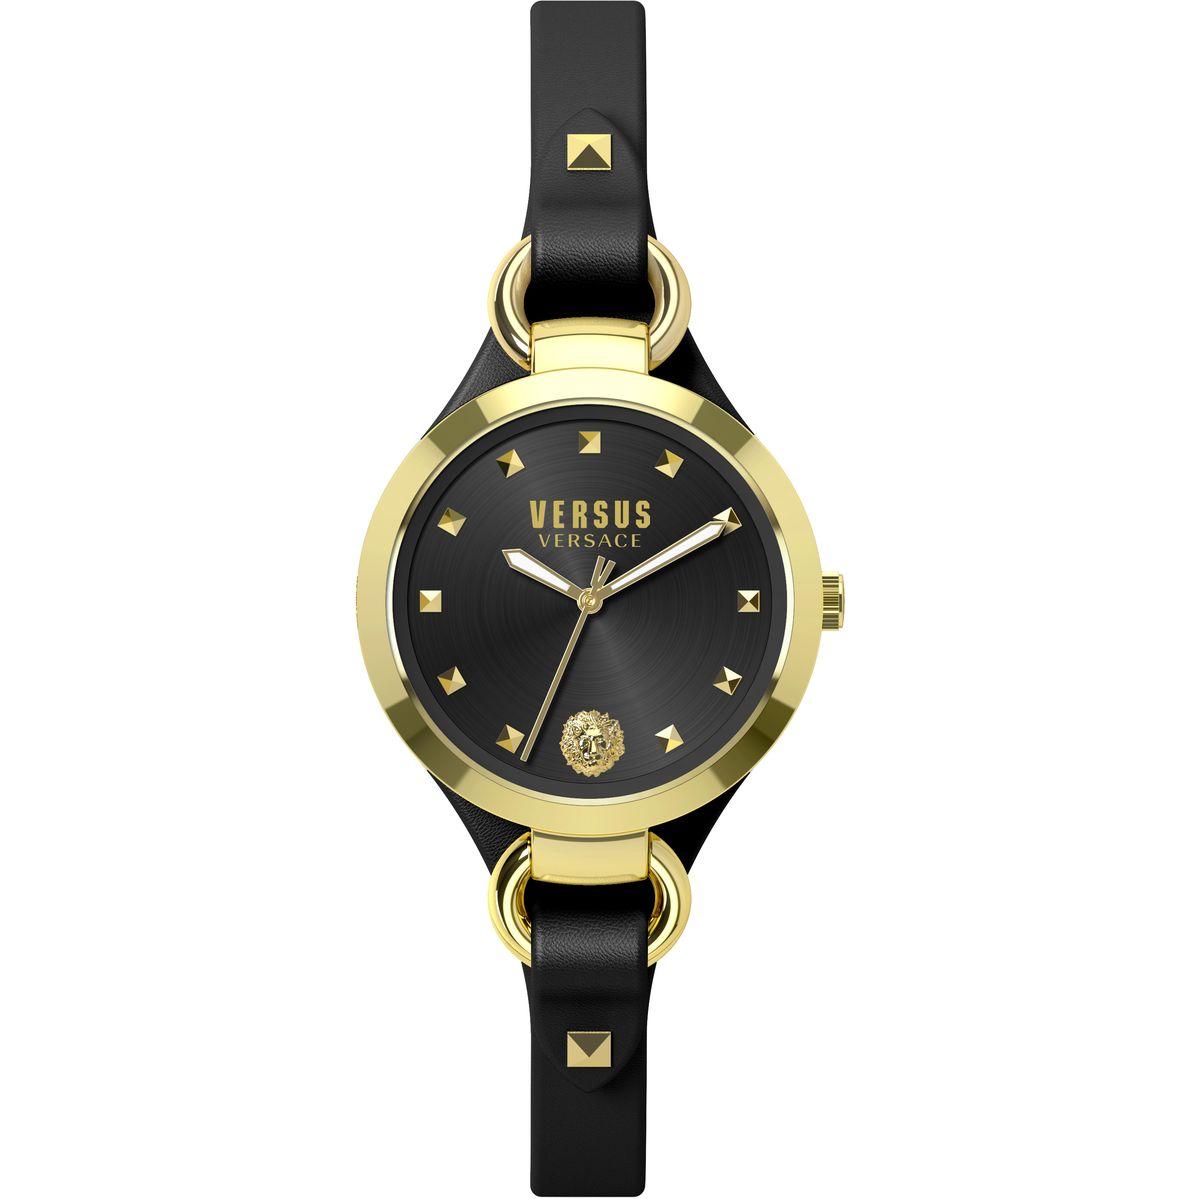 Наручные часы женские Versus Versace, цвет: золотой. SOM05 0015SOM05 00153 стрелки, механизм кварцевый Citizen_2025, сталь, диаметр циферблата 34 мм, кожаный ремешок, застежка из стали, стекло минеральное, водонепроницаемость - 3 АТМ